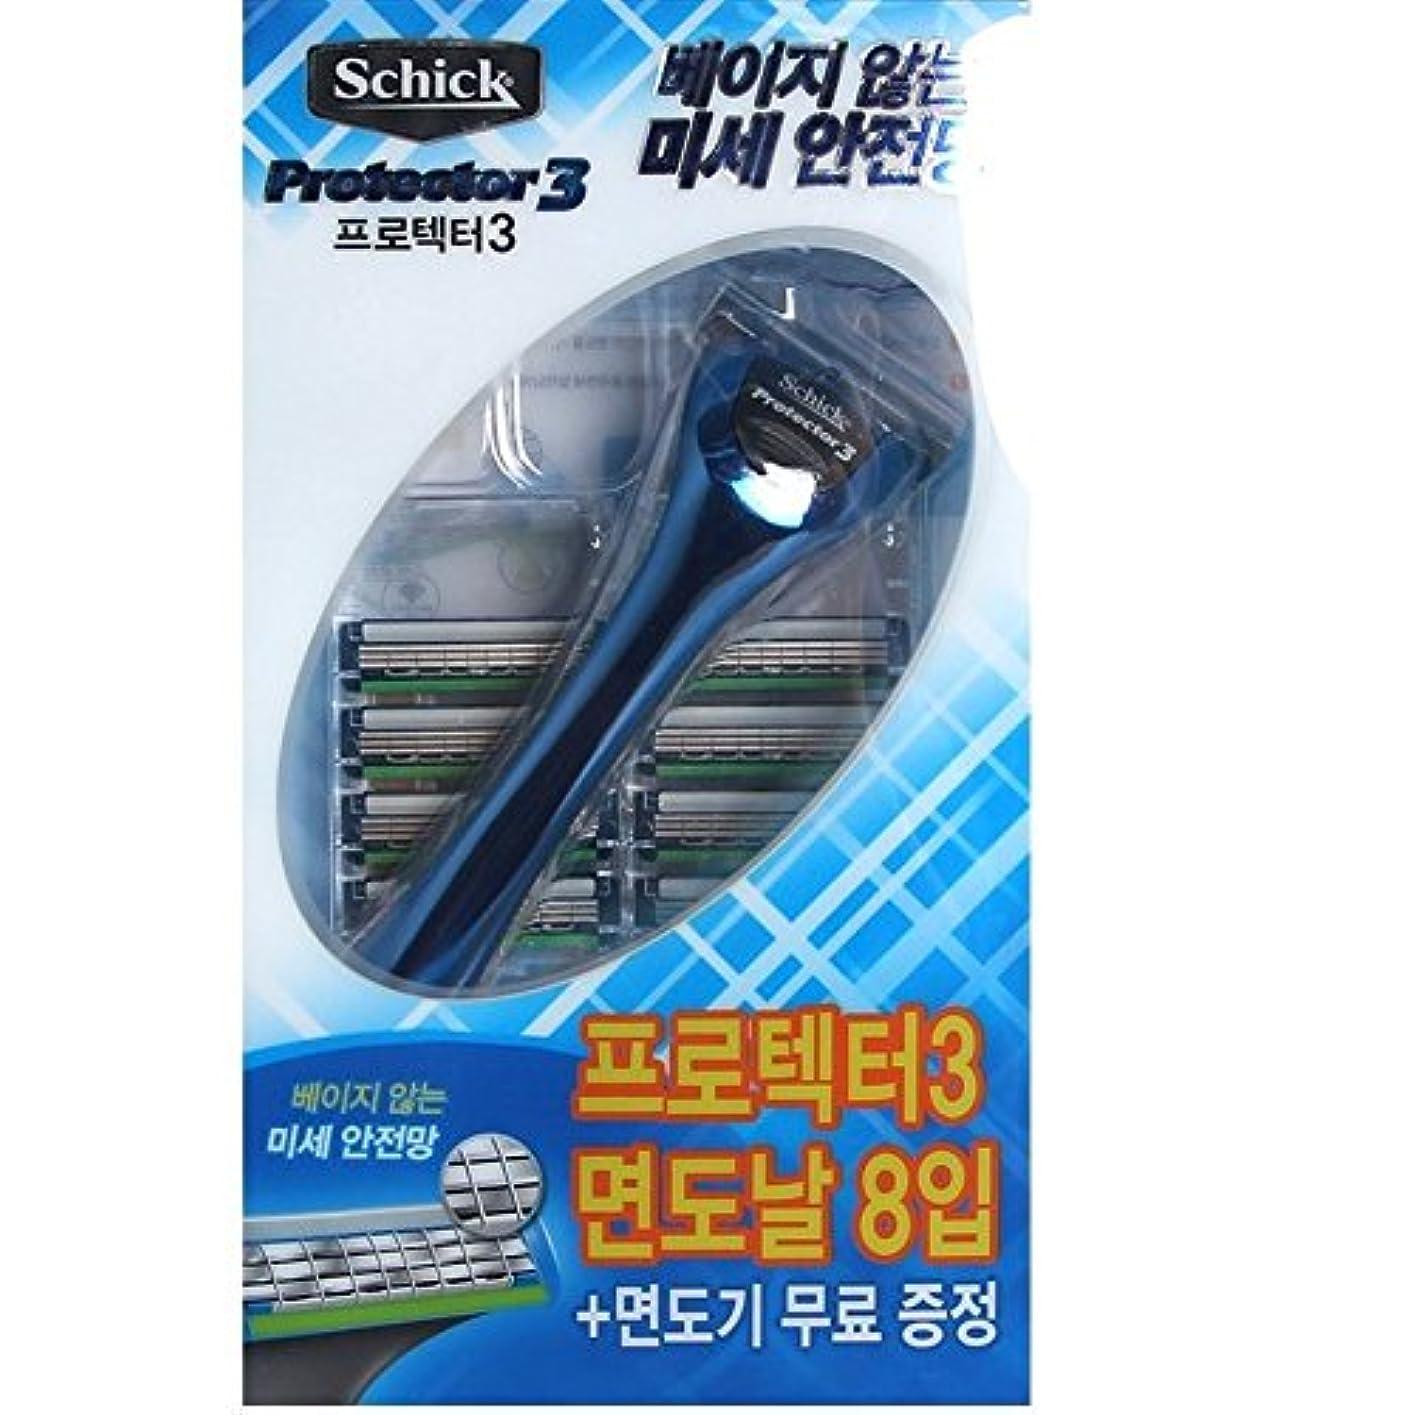 寮やろう絡み合いSchick Protector3 1レイザー+9カートリッジリフィルブレイド [並行輸入品]